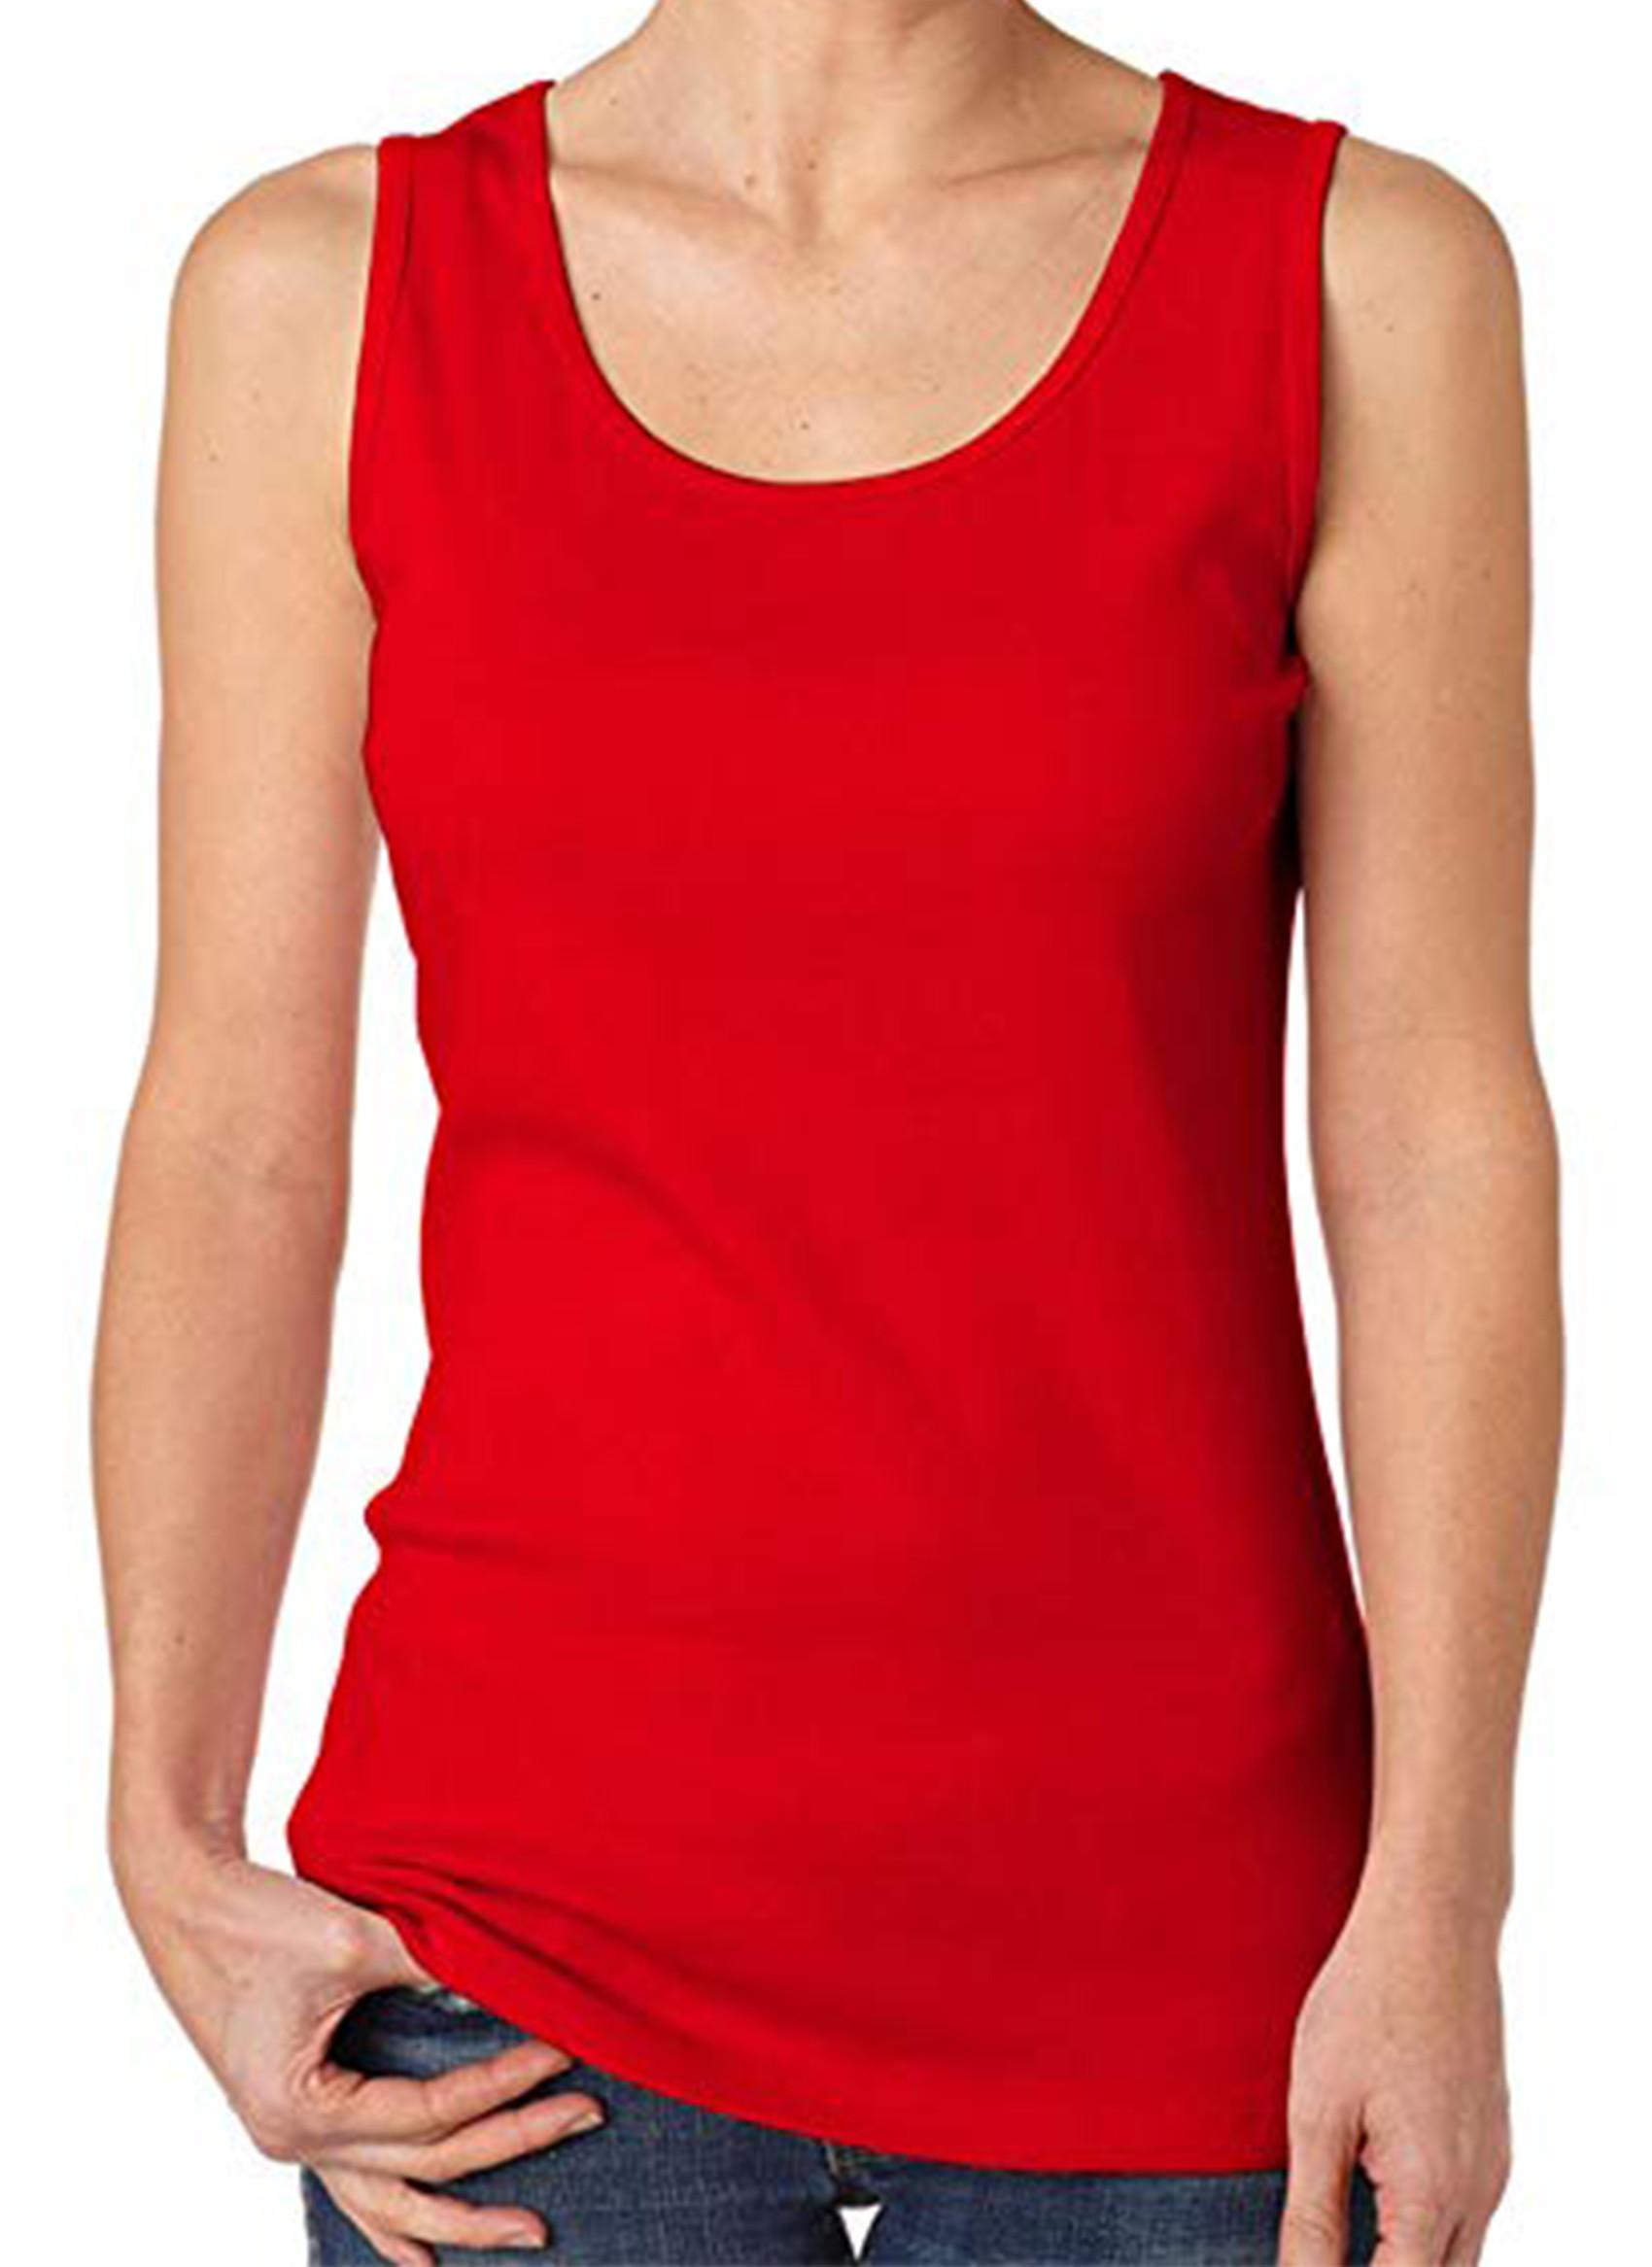 a79c6c4d5a4e3 Camiseta Regata Vermelha